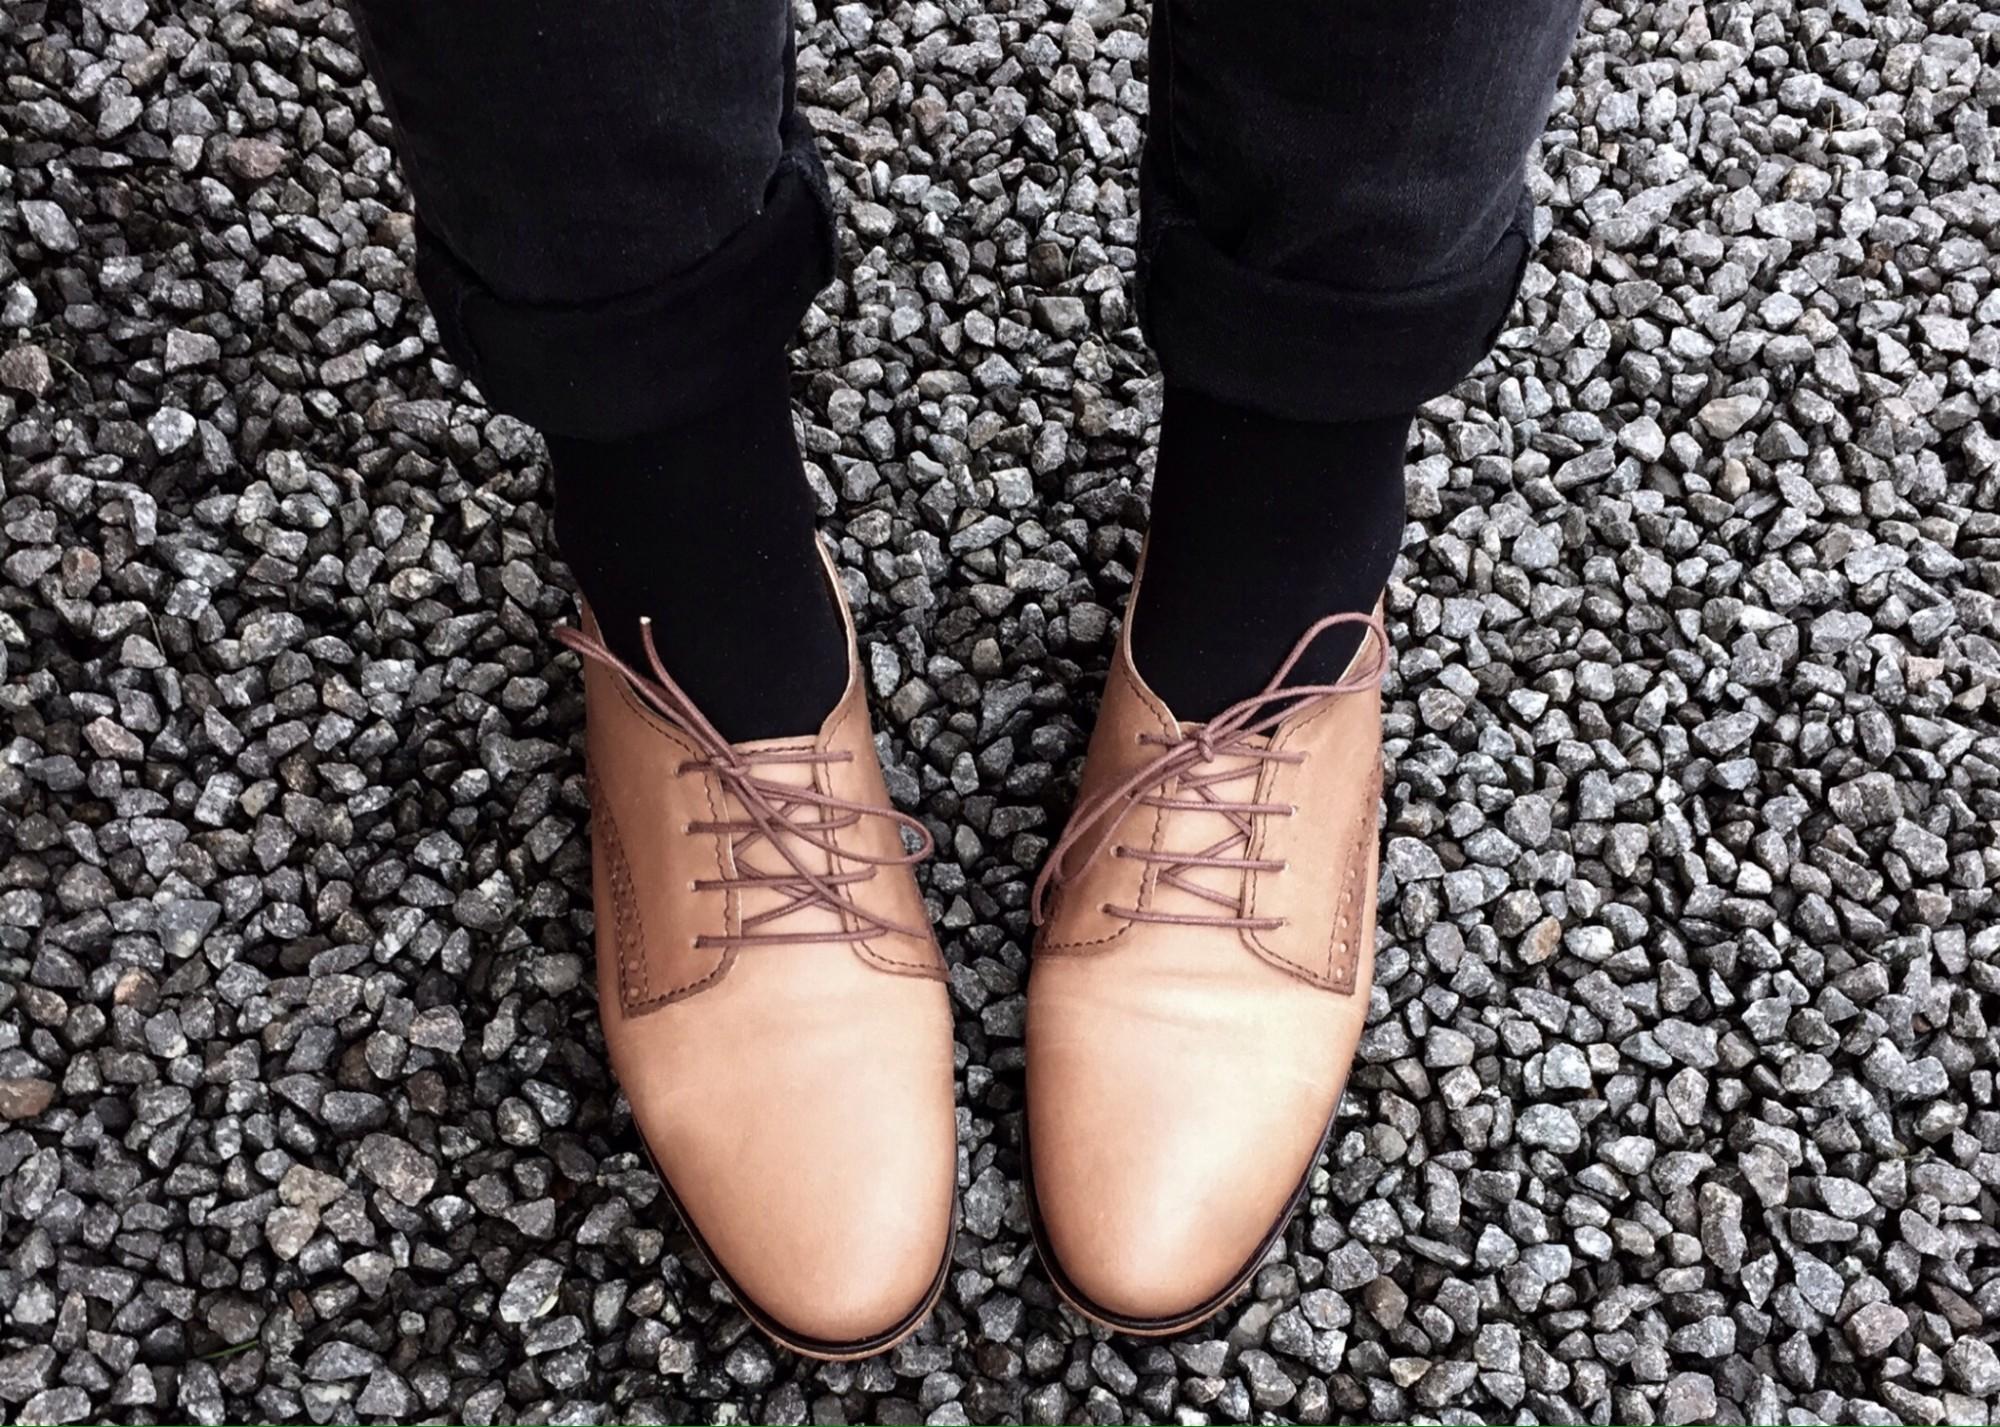 Shoe pose